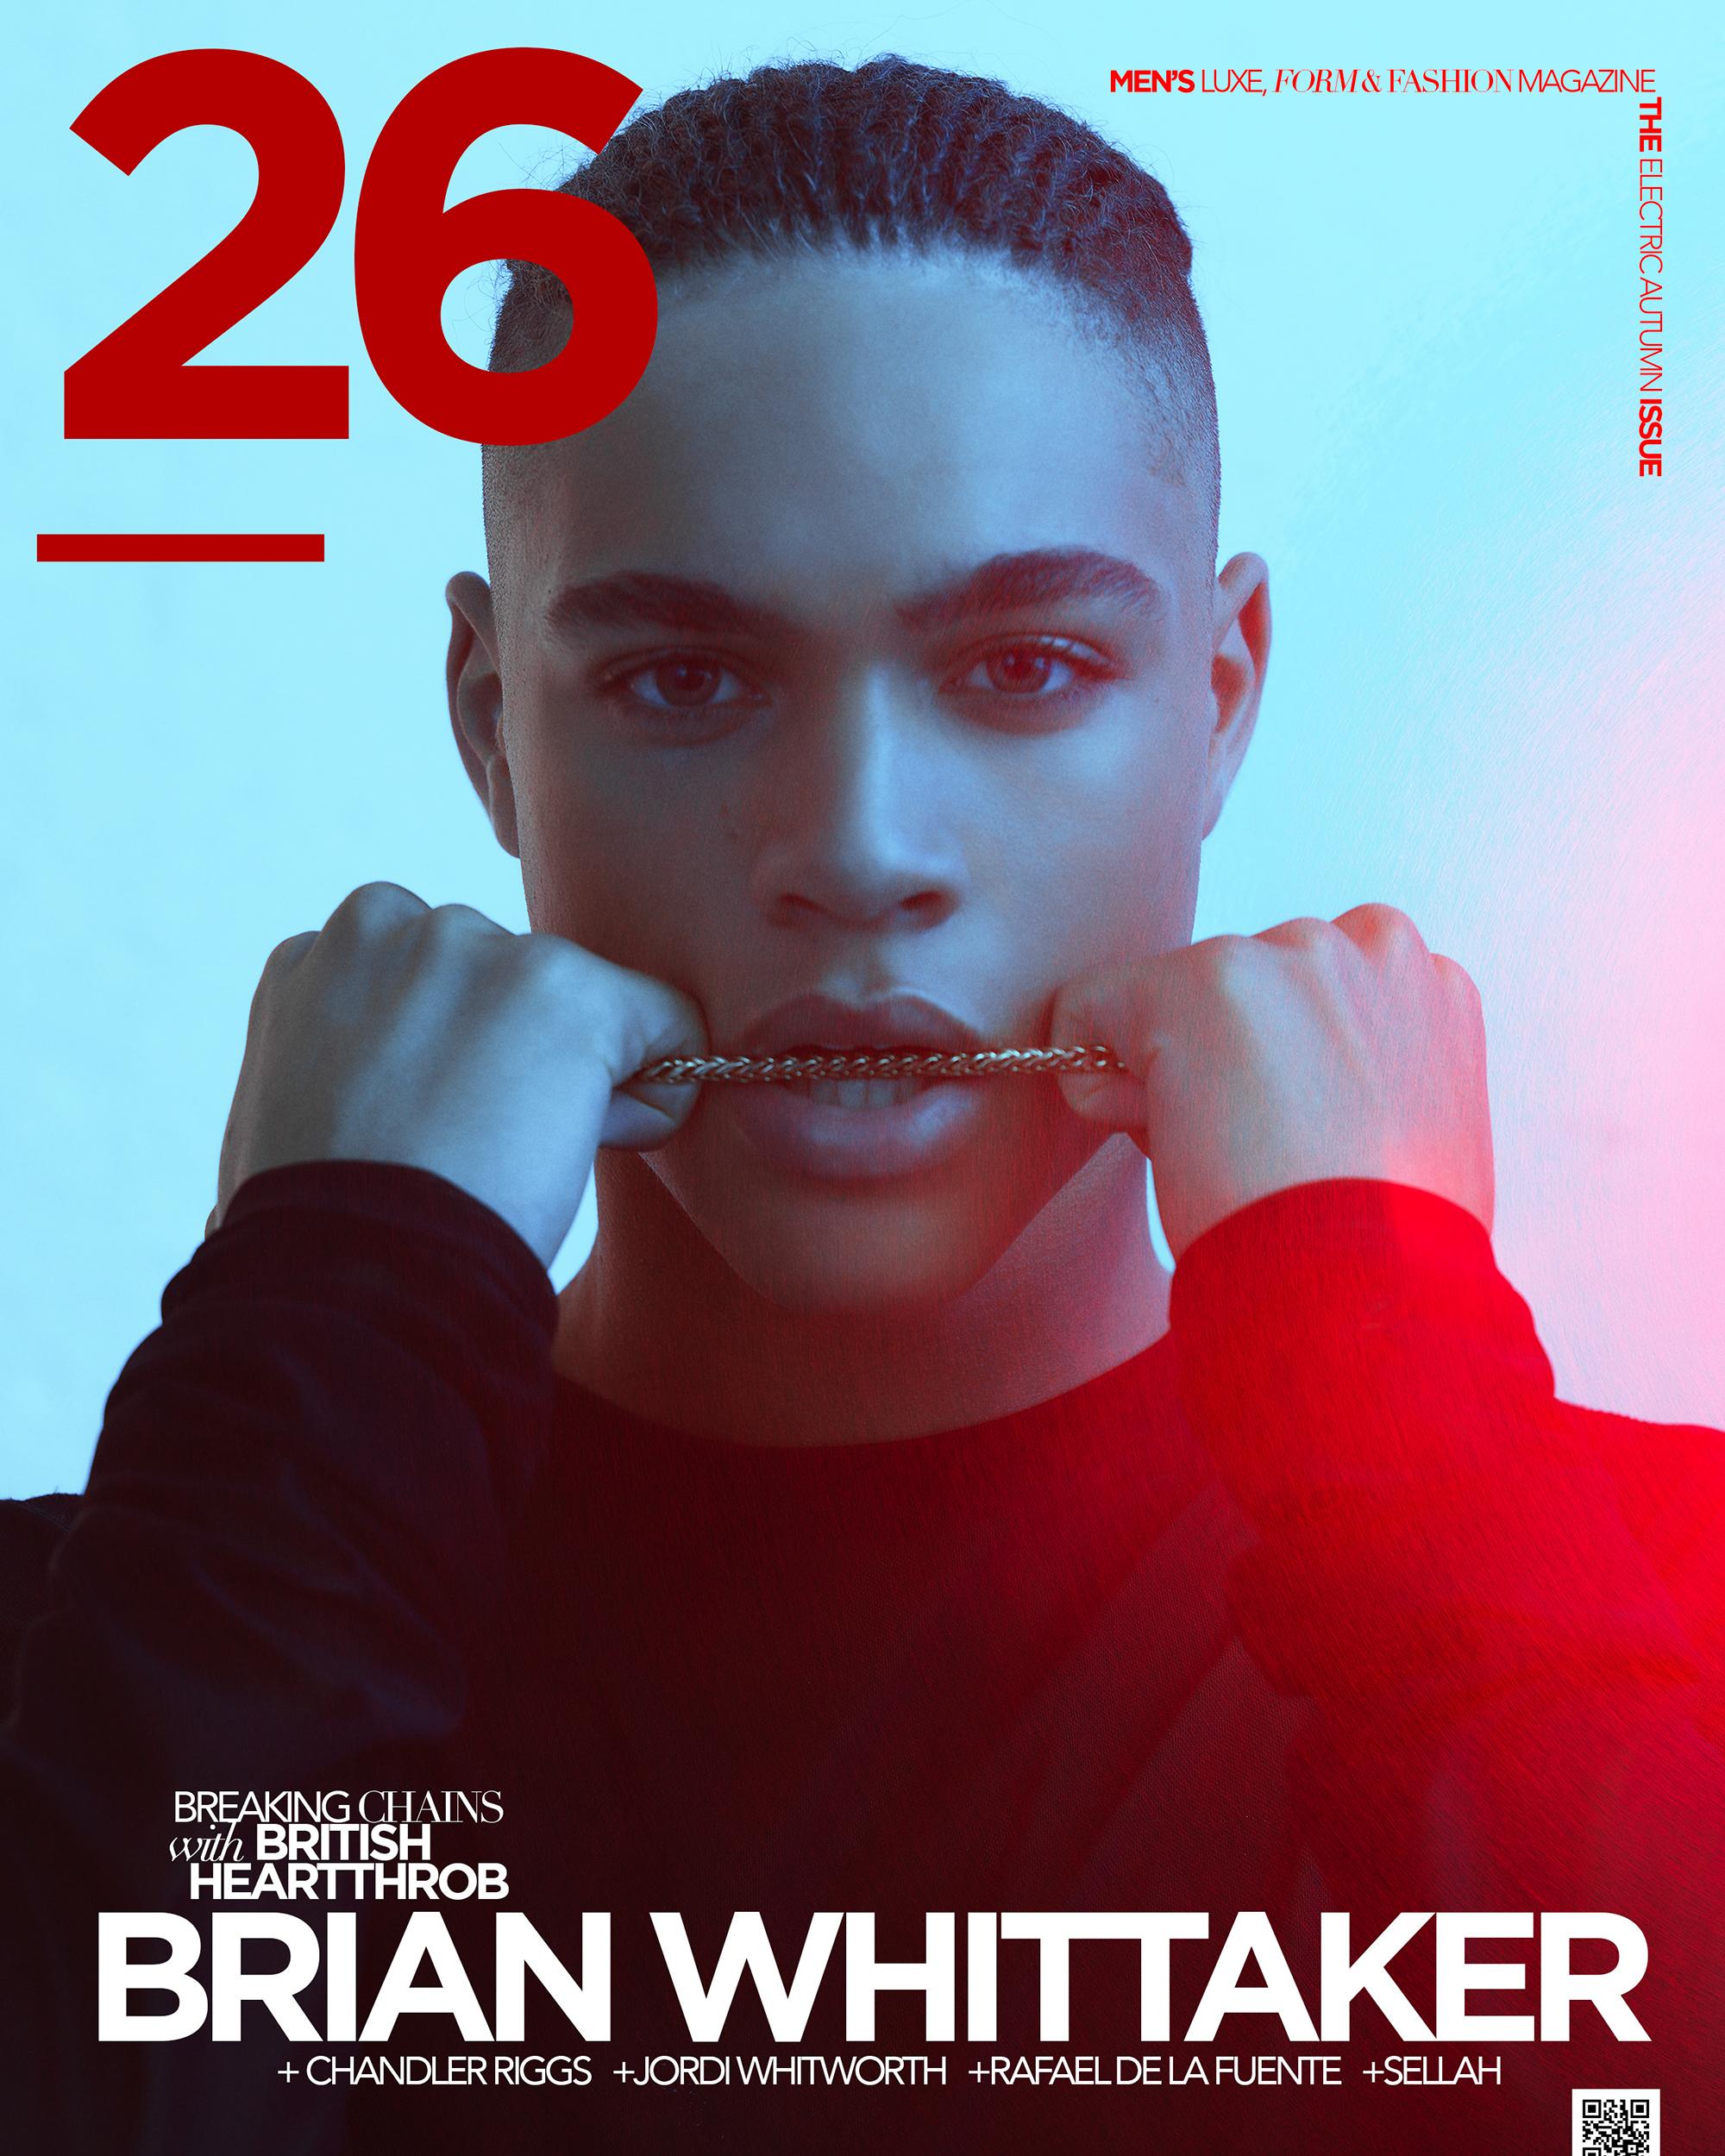 26MagazineBrianWhittaker-1.jpg